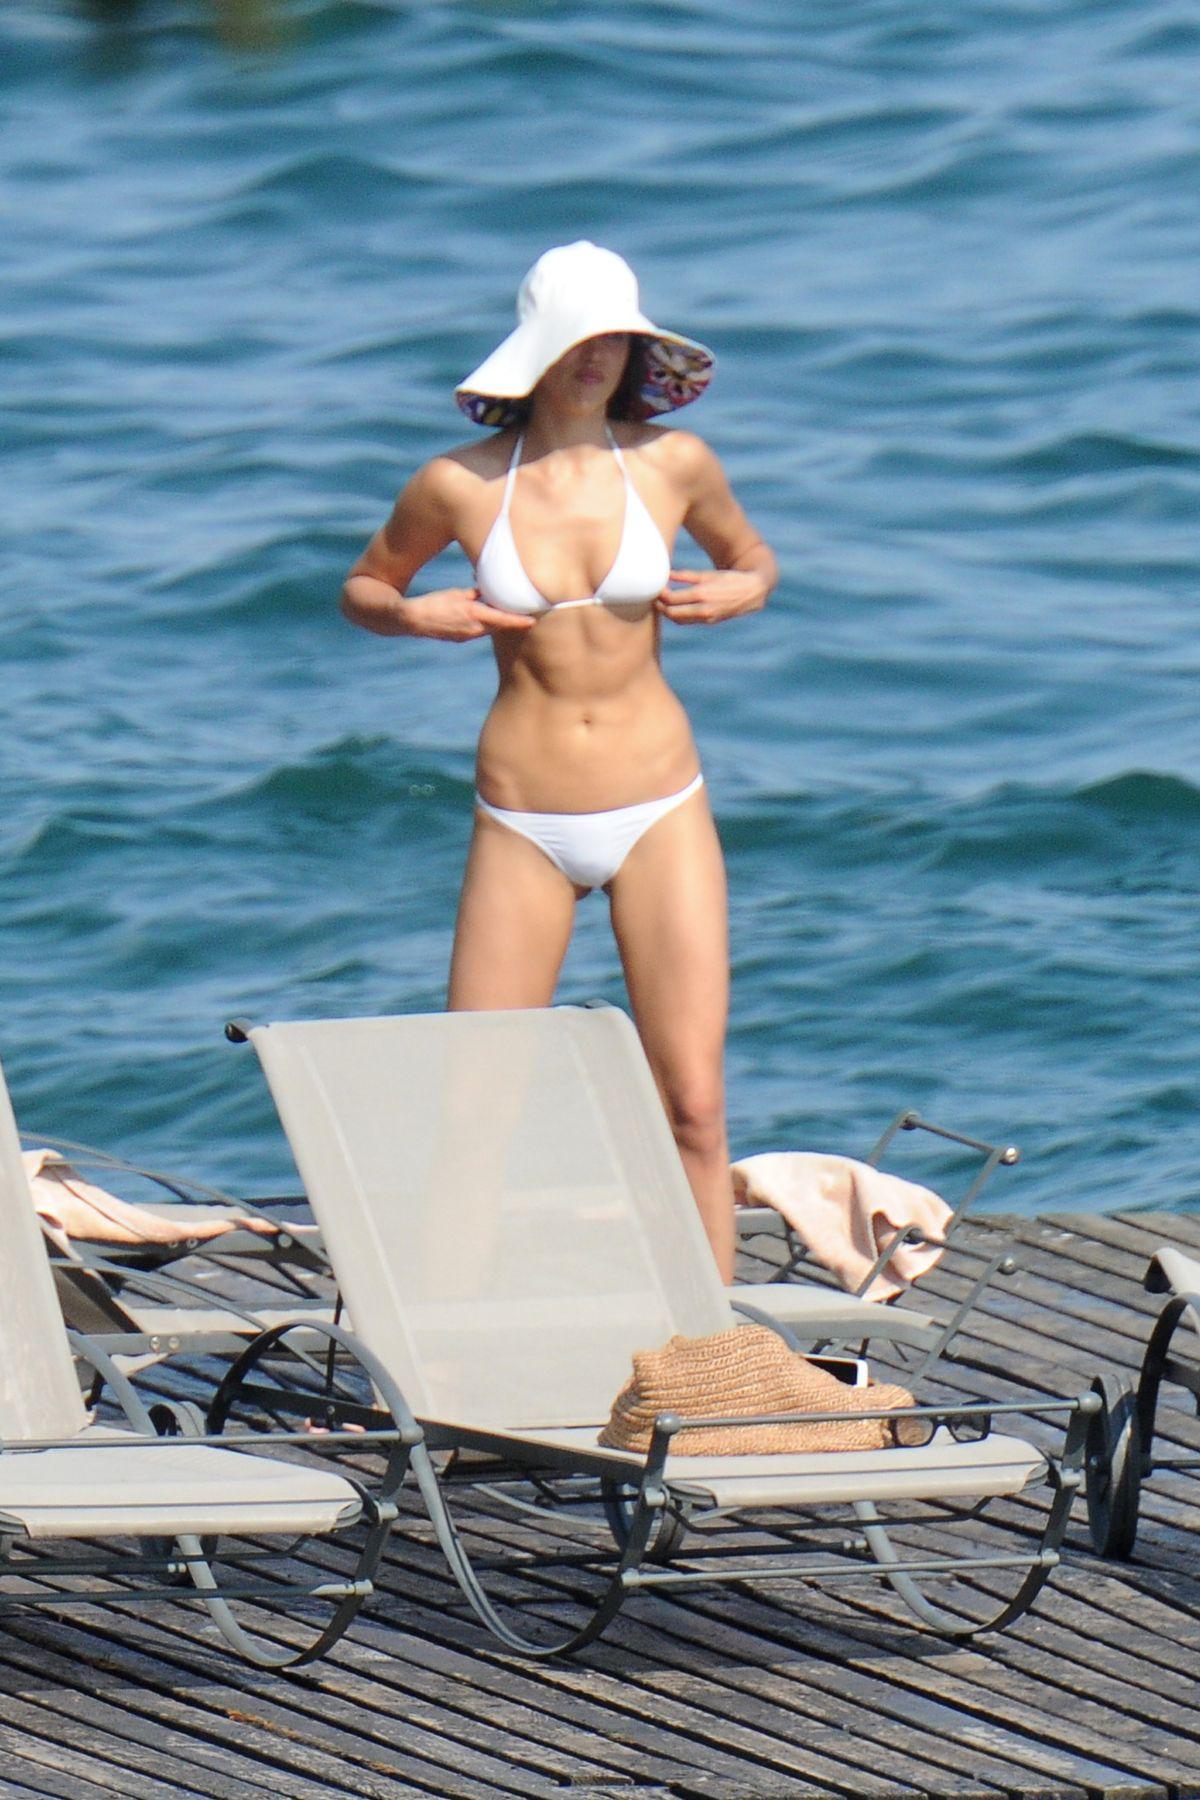 irina-shayk-wearing-a-bikini-in-italy-18